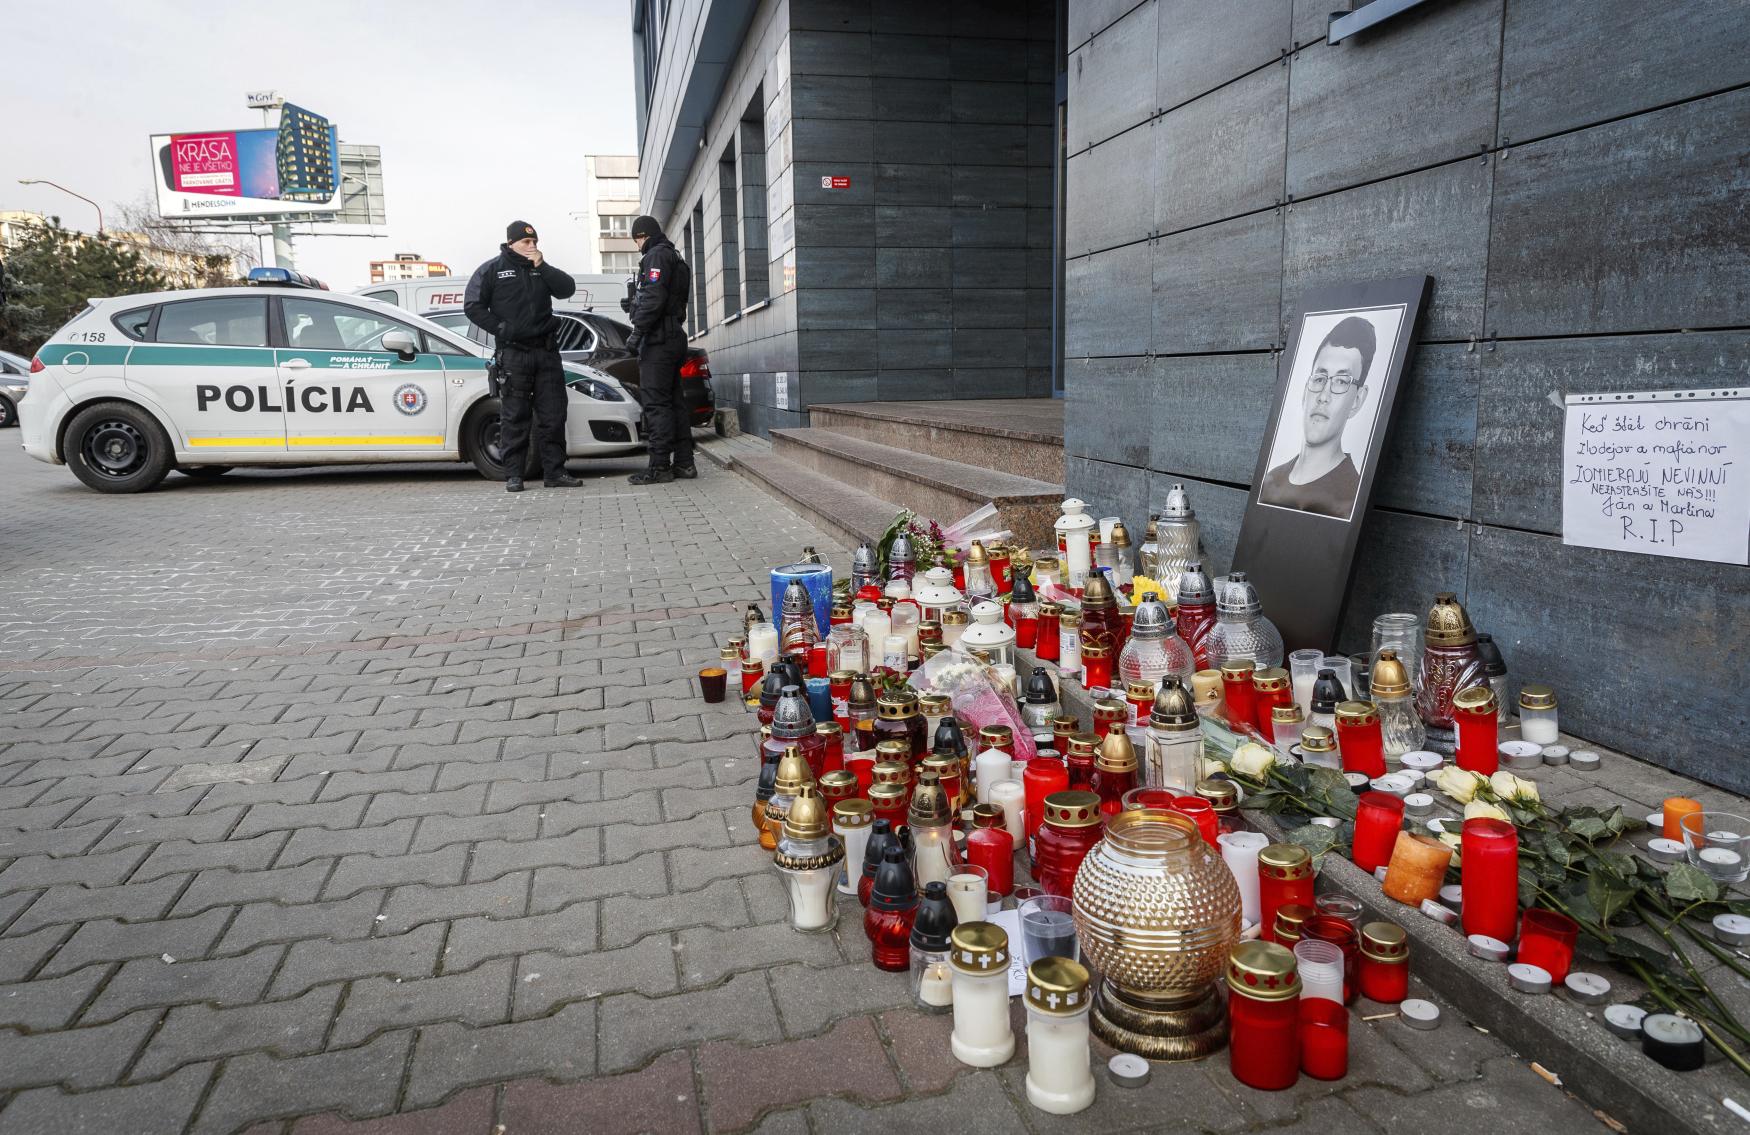 Slovensko hledá vraha, či vrahy investigativního novináře Jána Kuciaka